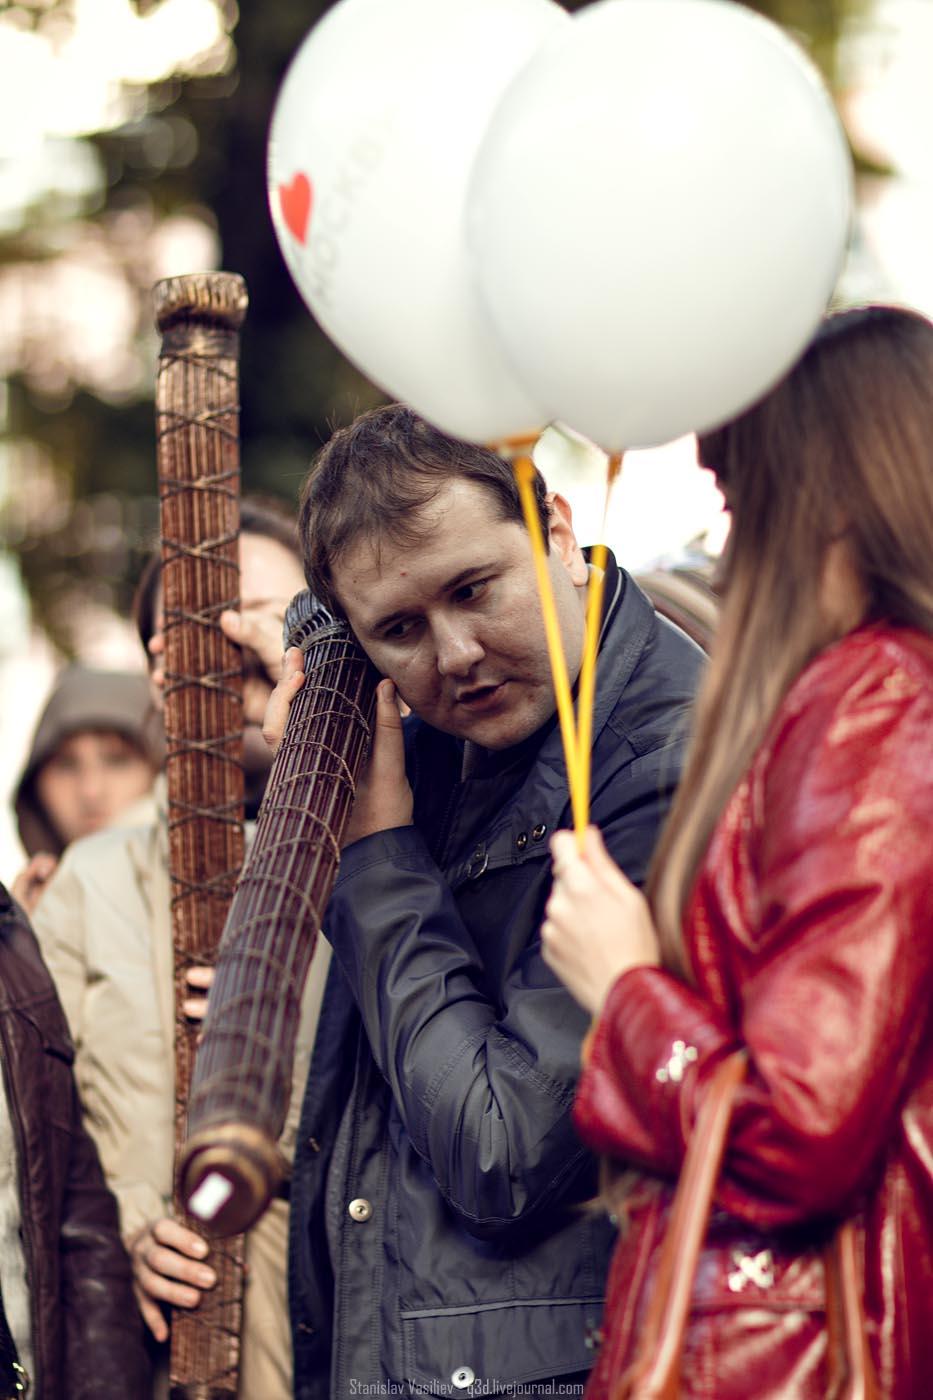 День города - Москва - 2013 - #028